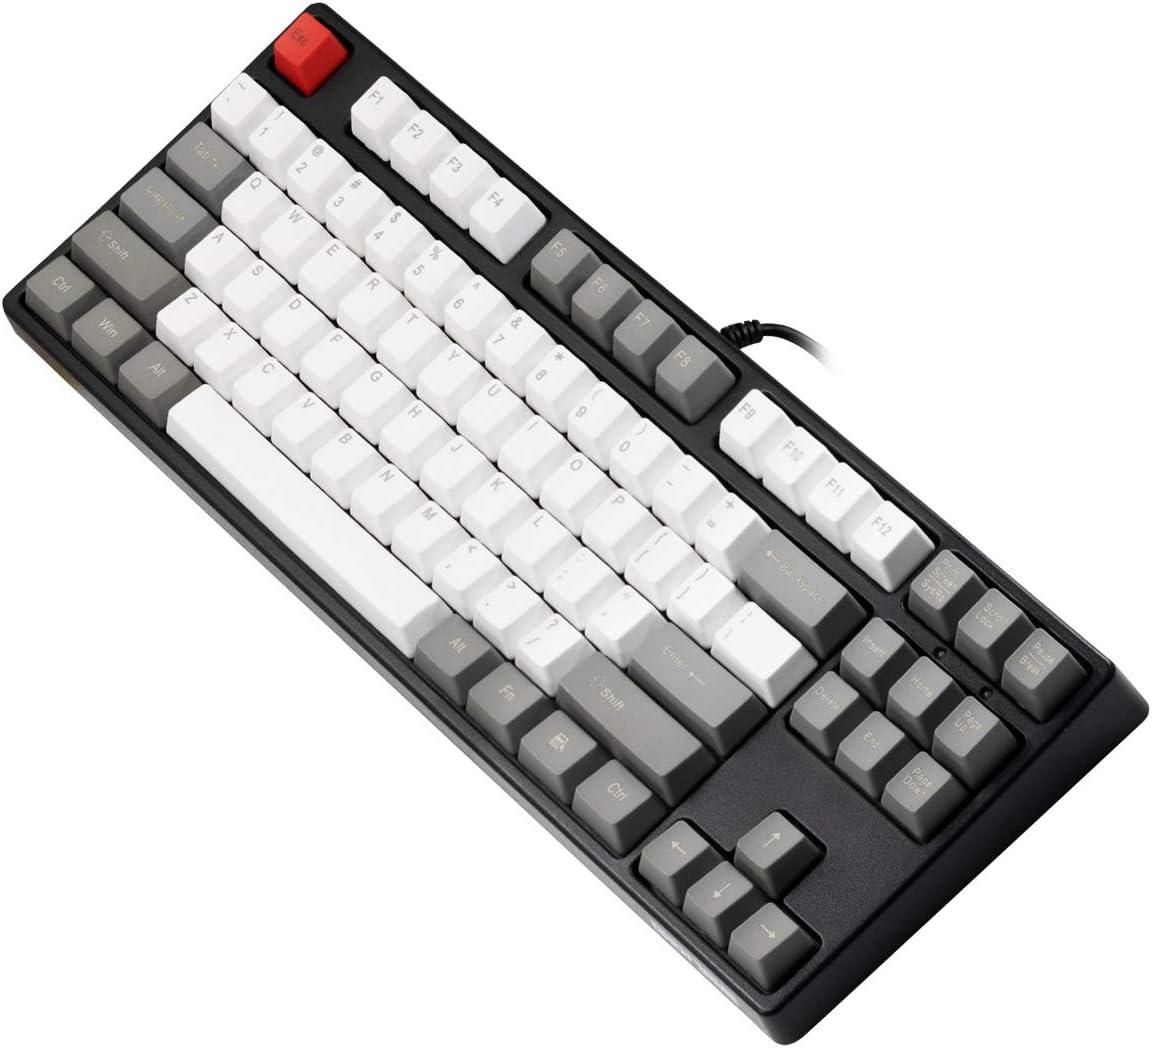 GANSS Teclado mecánico para Juegos con Cherry MX Speed Silver Switch - El más rápido y Lineal - Sin Teclas de 87 Teclas Mezcla de Colores PBT Teclas ...